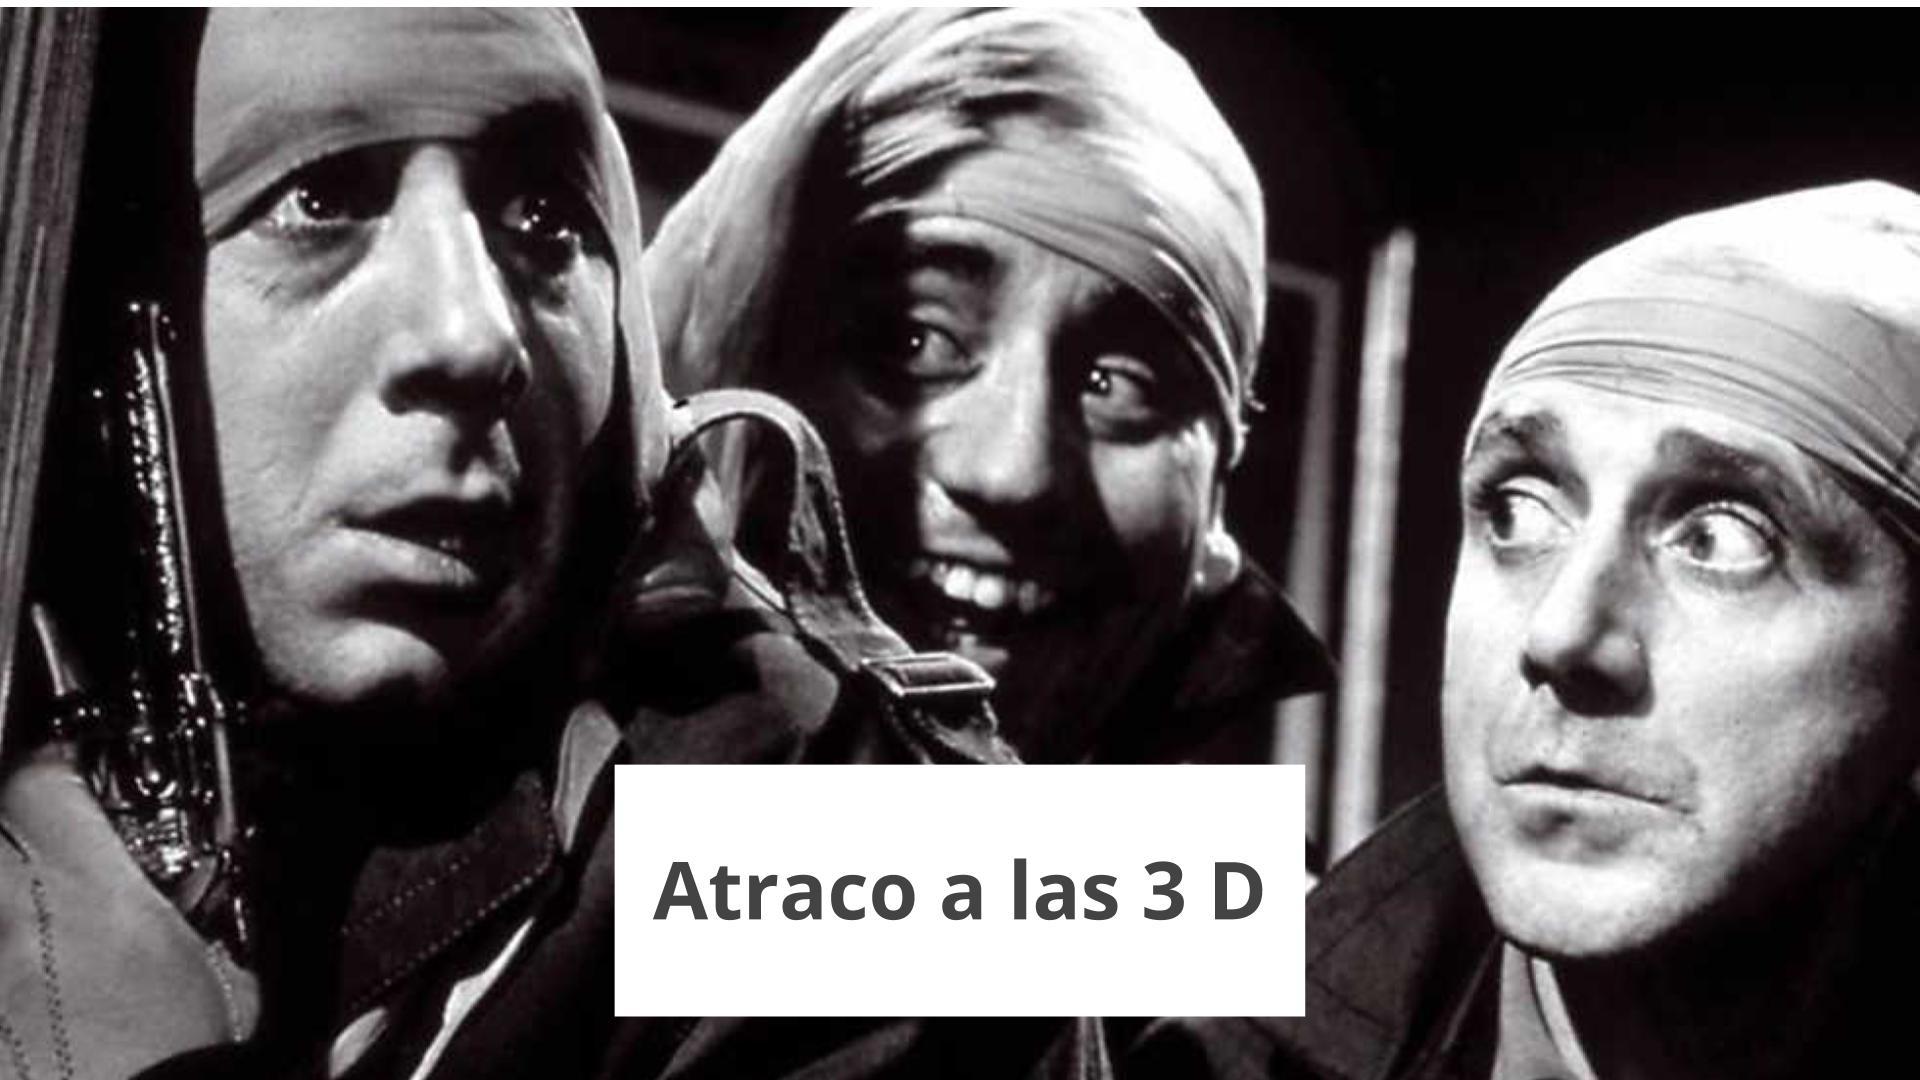 atraco a las 3D